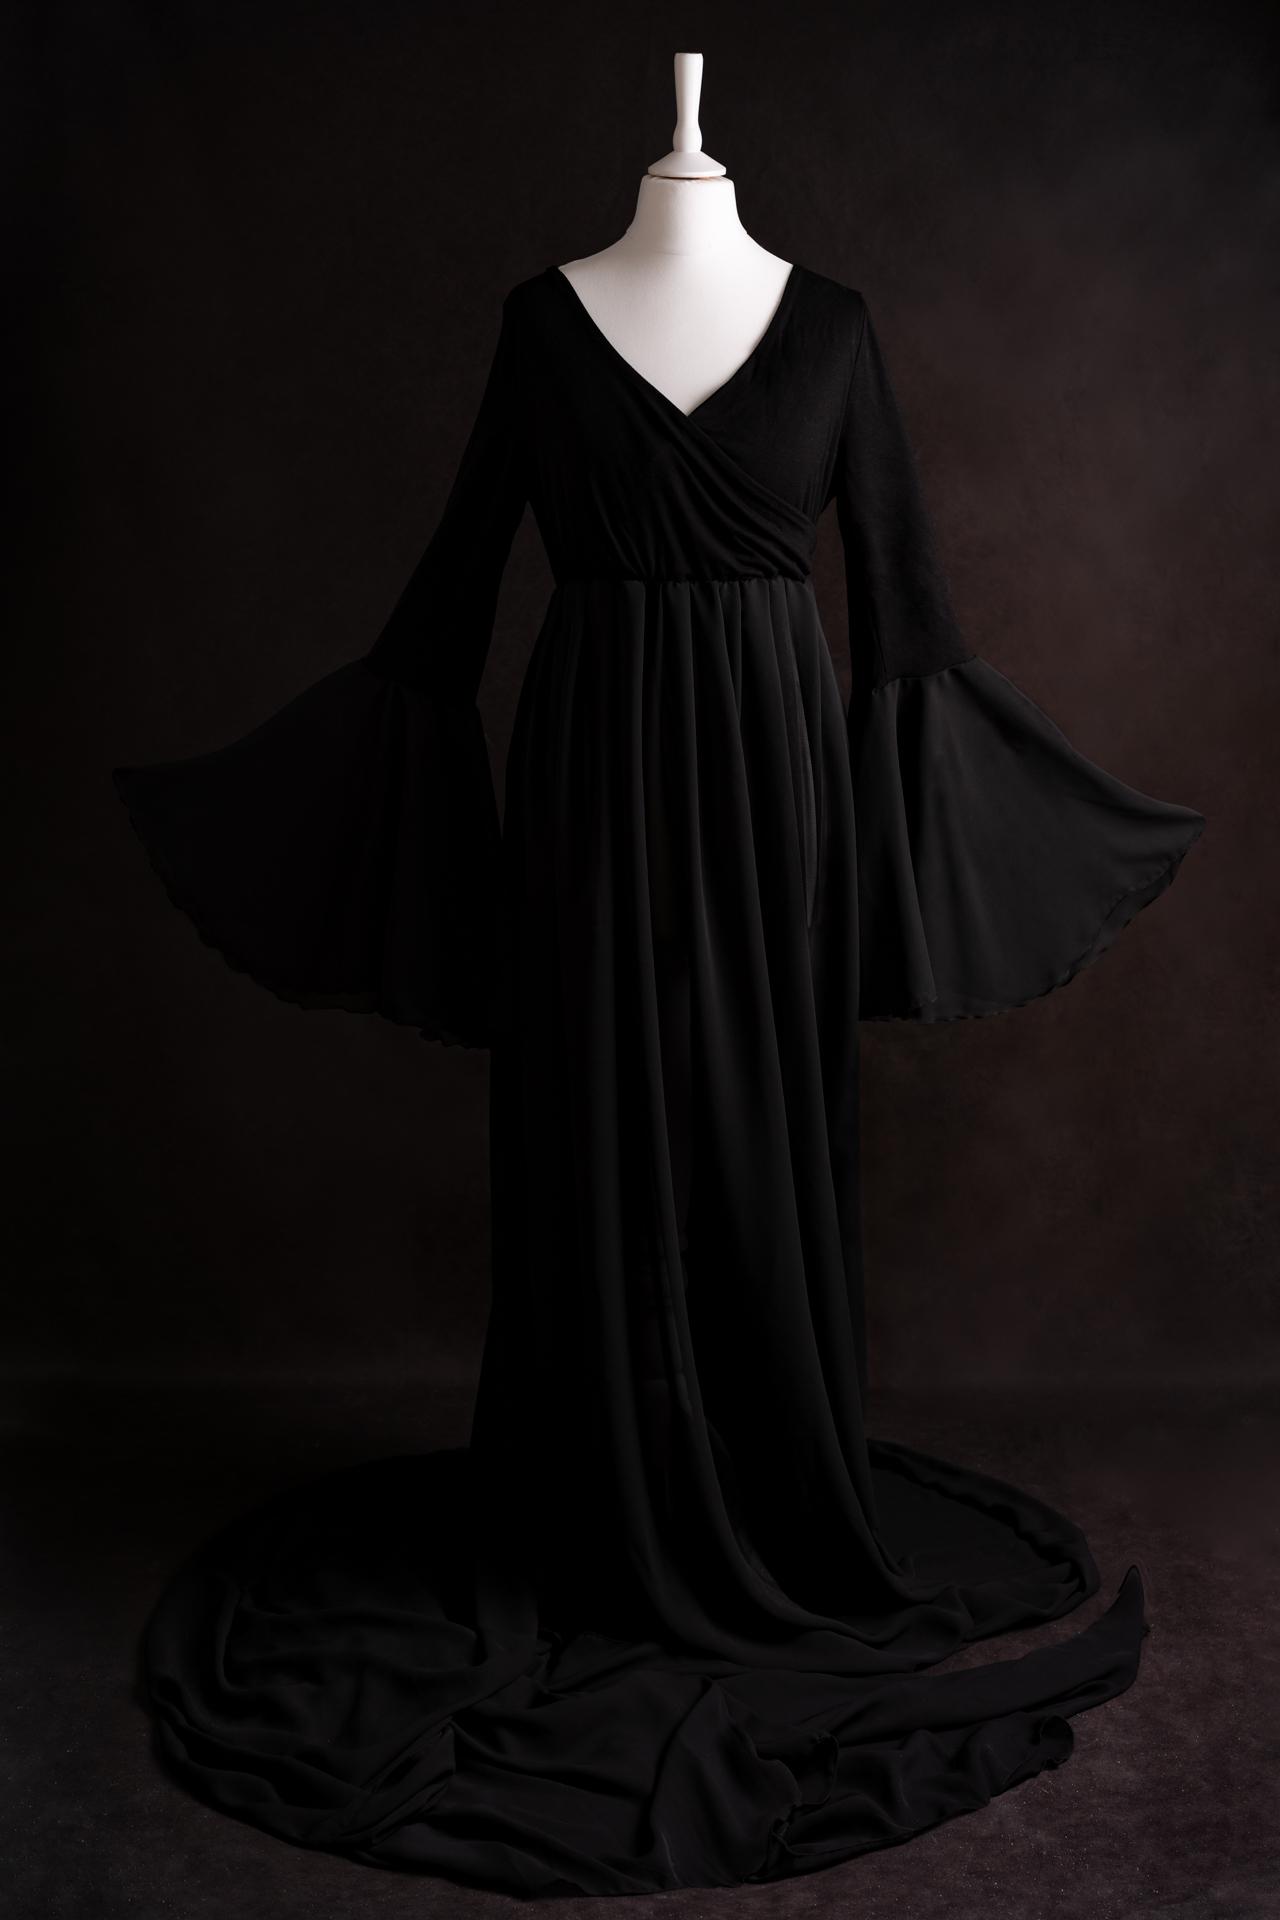 Robe noire de maternité extensible. La partie jupe est transparente et très longue.